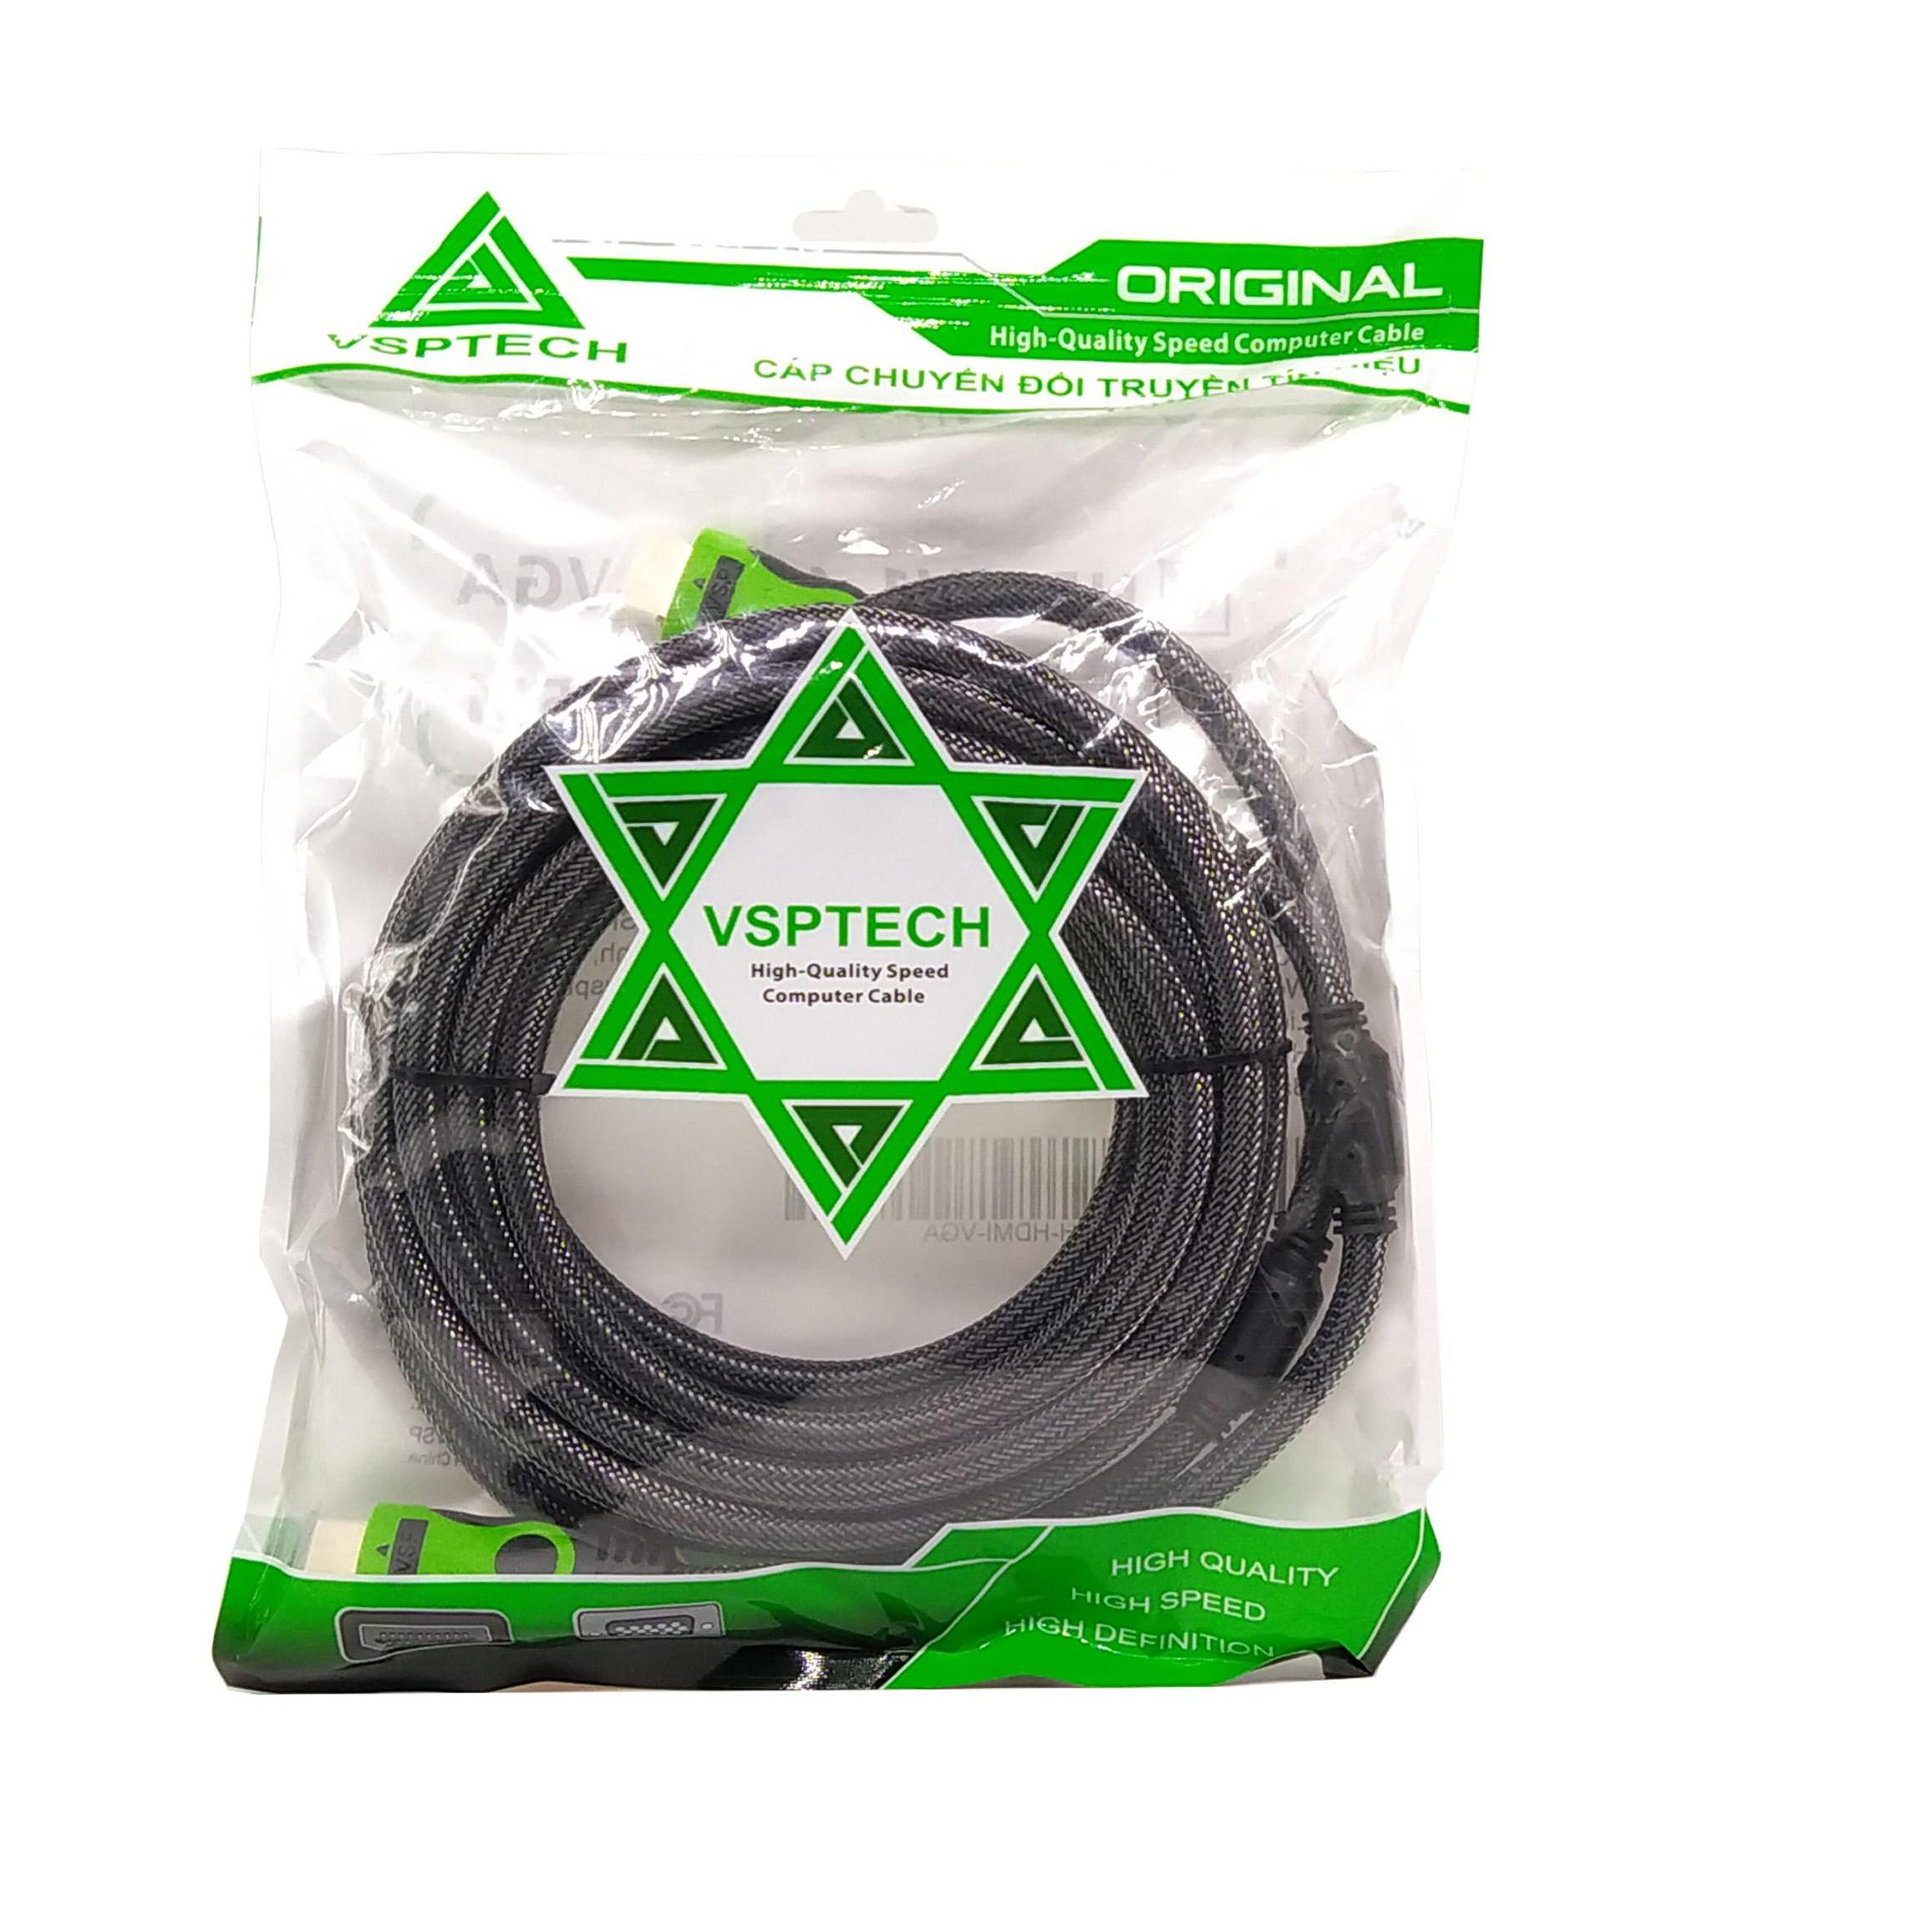 Cáp HDMI VSPTECH (1.4V )dài 15m bọc lưới đen- Hàng chính hãng